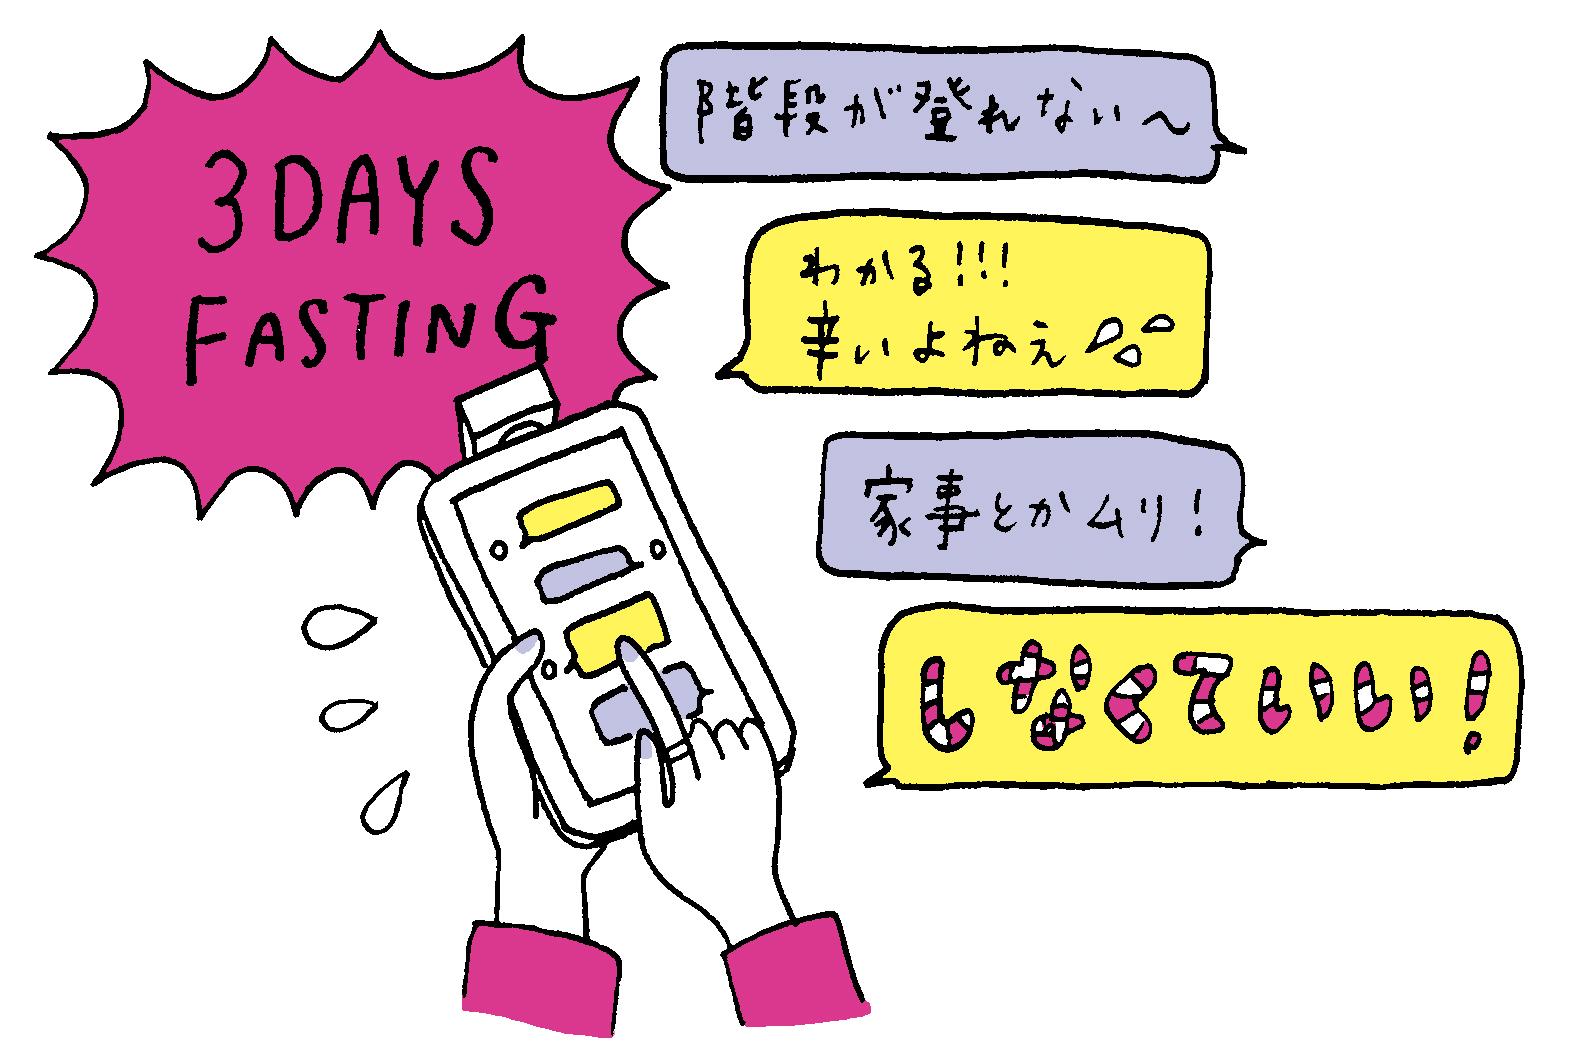 本気ダイエットのスタートは、 3日間の完全断食から/4か月でー12kg! 実録!ハイジ子のダイエット成功への道③